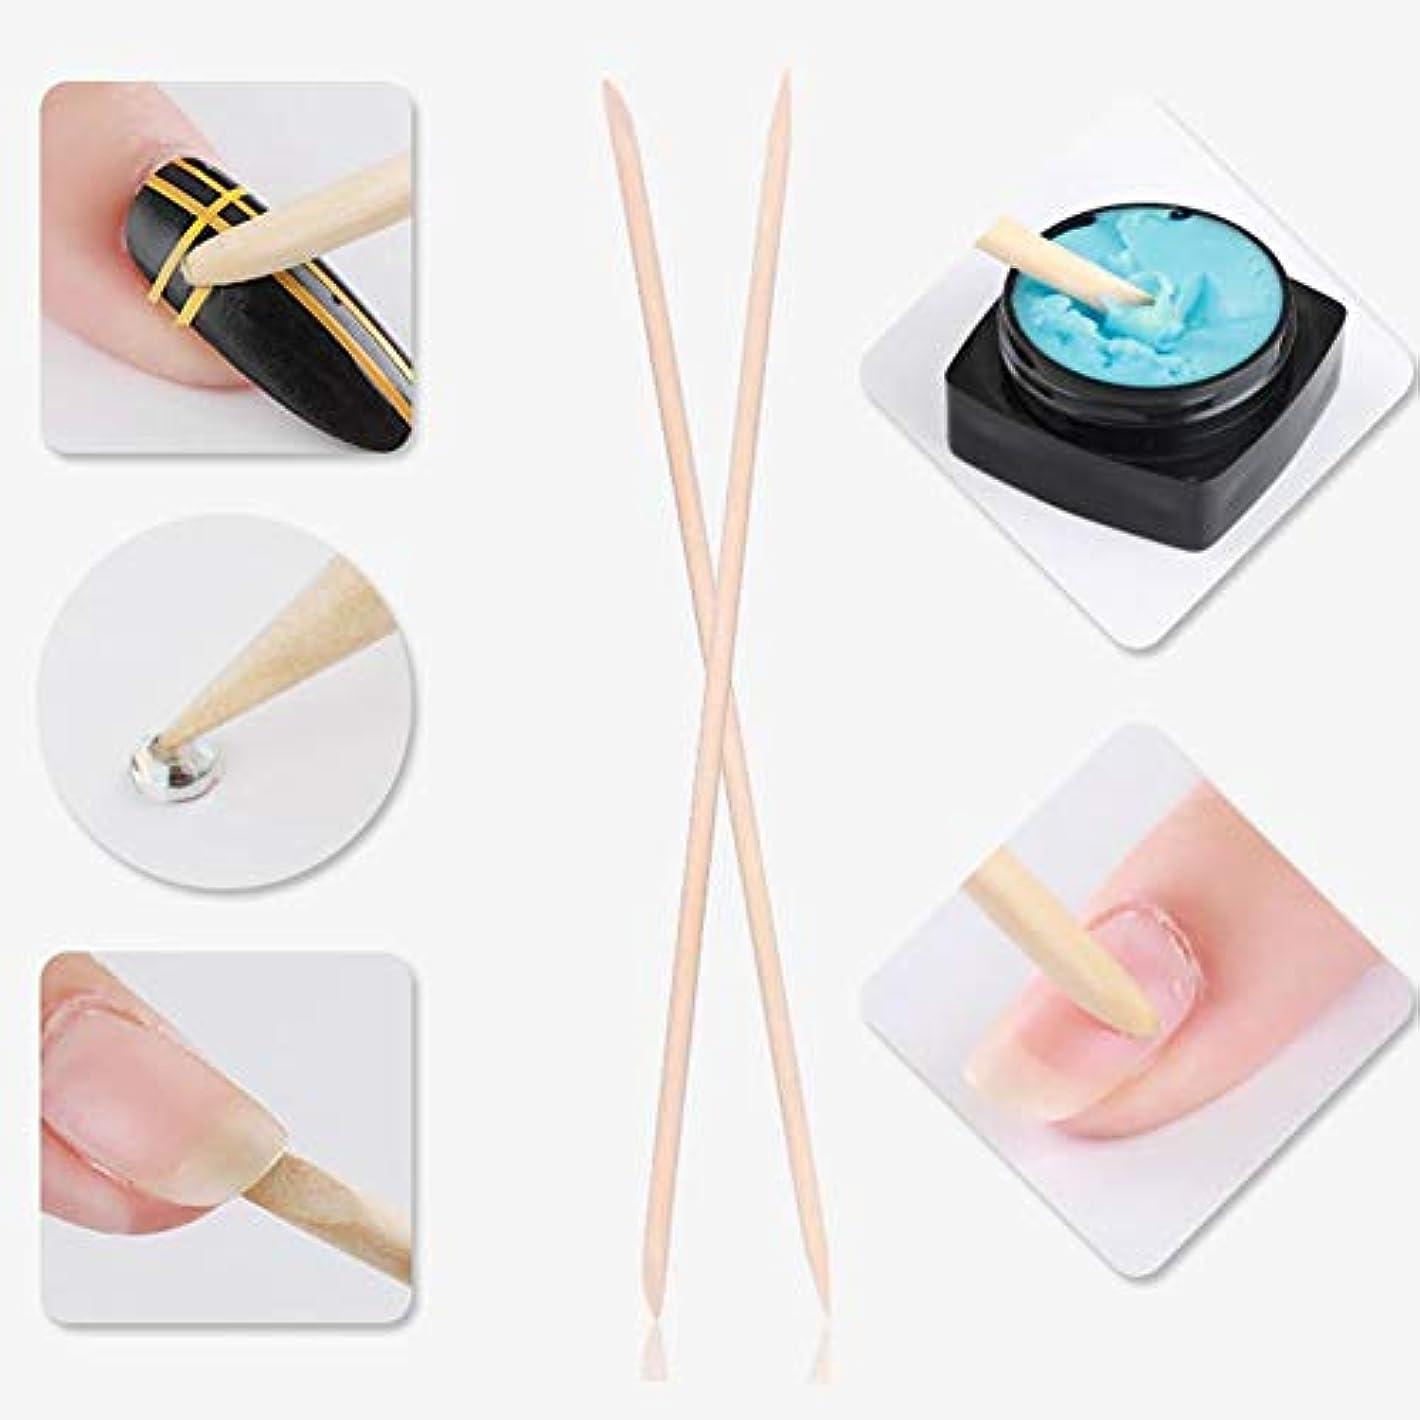 ベール篭スピーチマニキュアペディキュア ネイルアートペイントパターン用 5本 ネイルキューティクルは木製スティック、ネイルキューティクルプッシャーを取り外します(1)